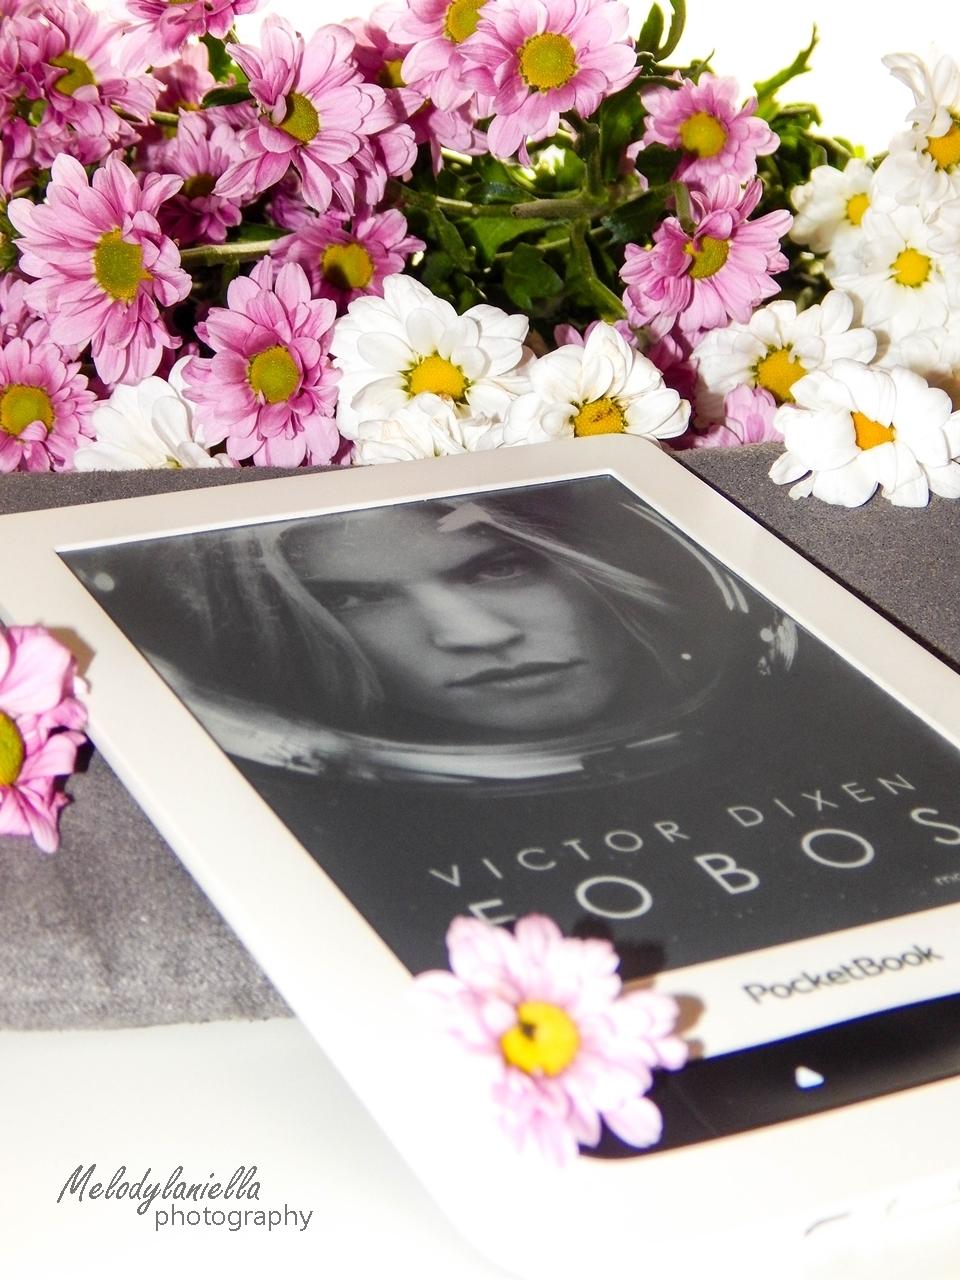 fobos czytnik ksiazka kawiaty melodylaniella wydawnictwo otwarte recenzja pocket book okladka